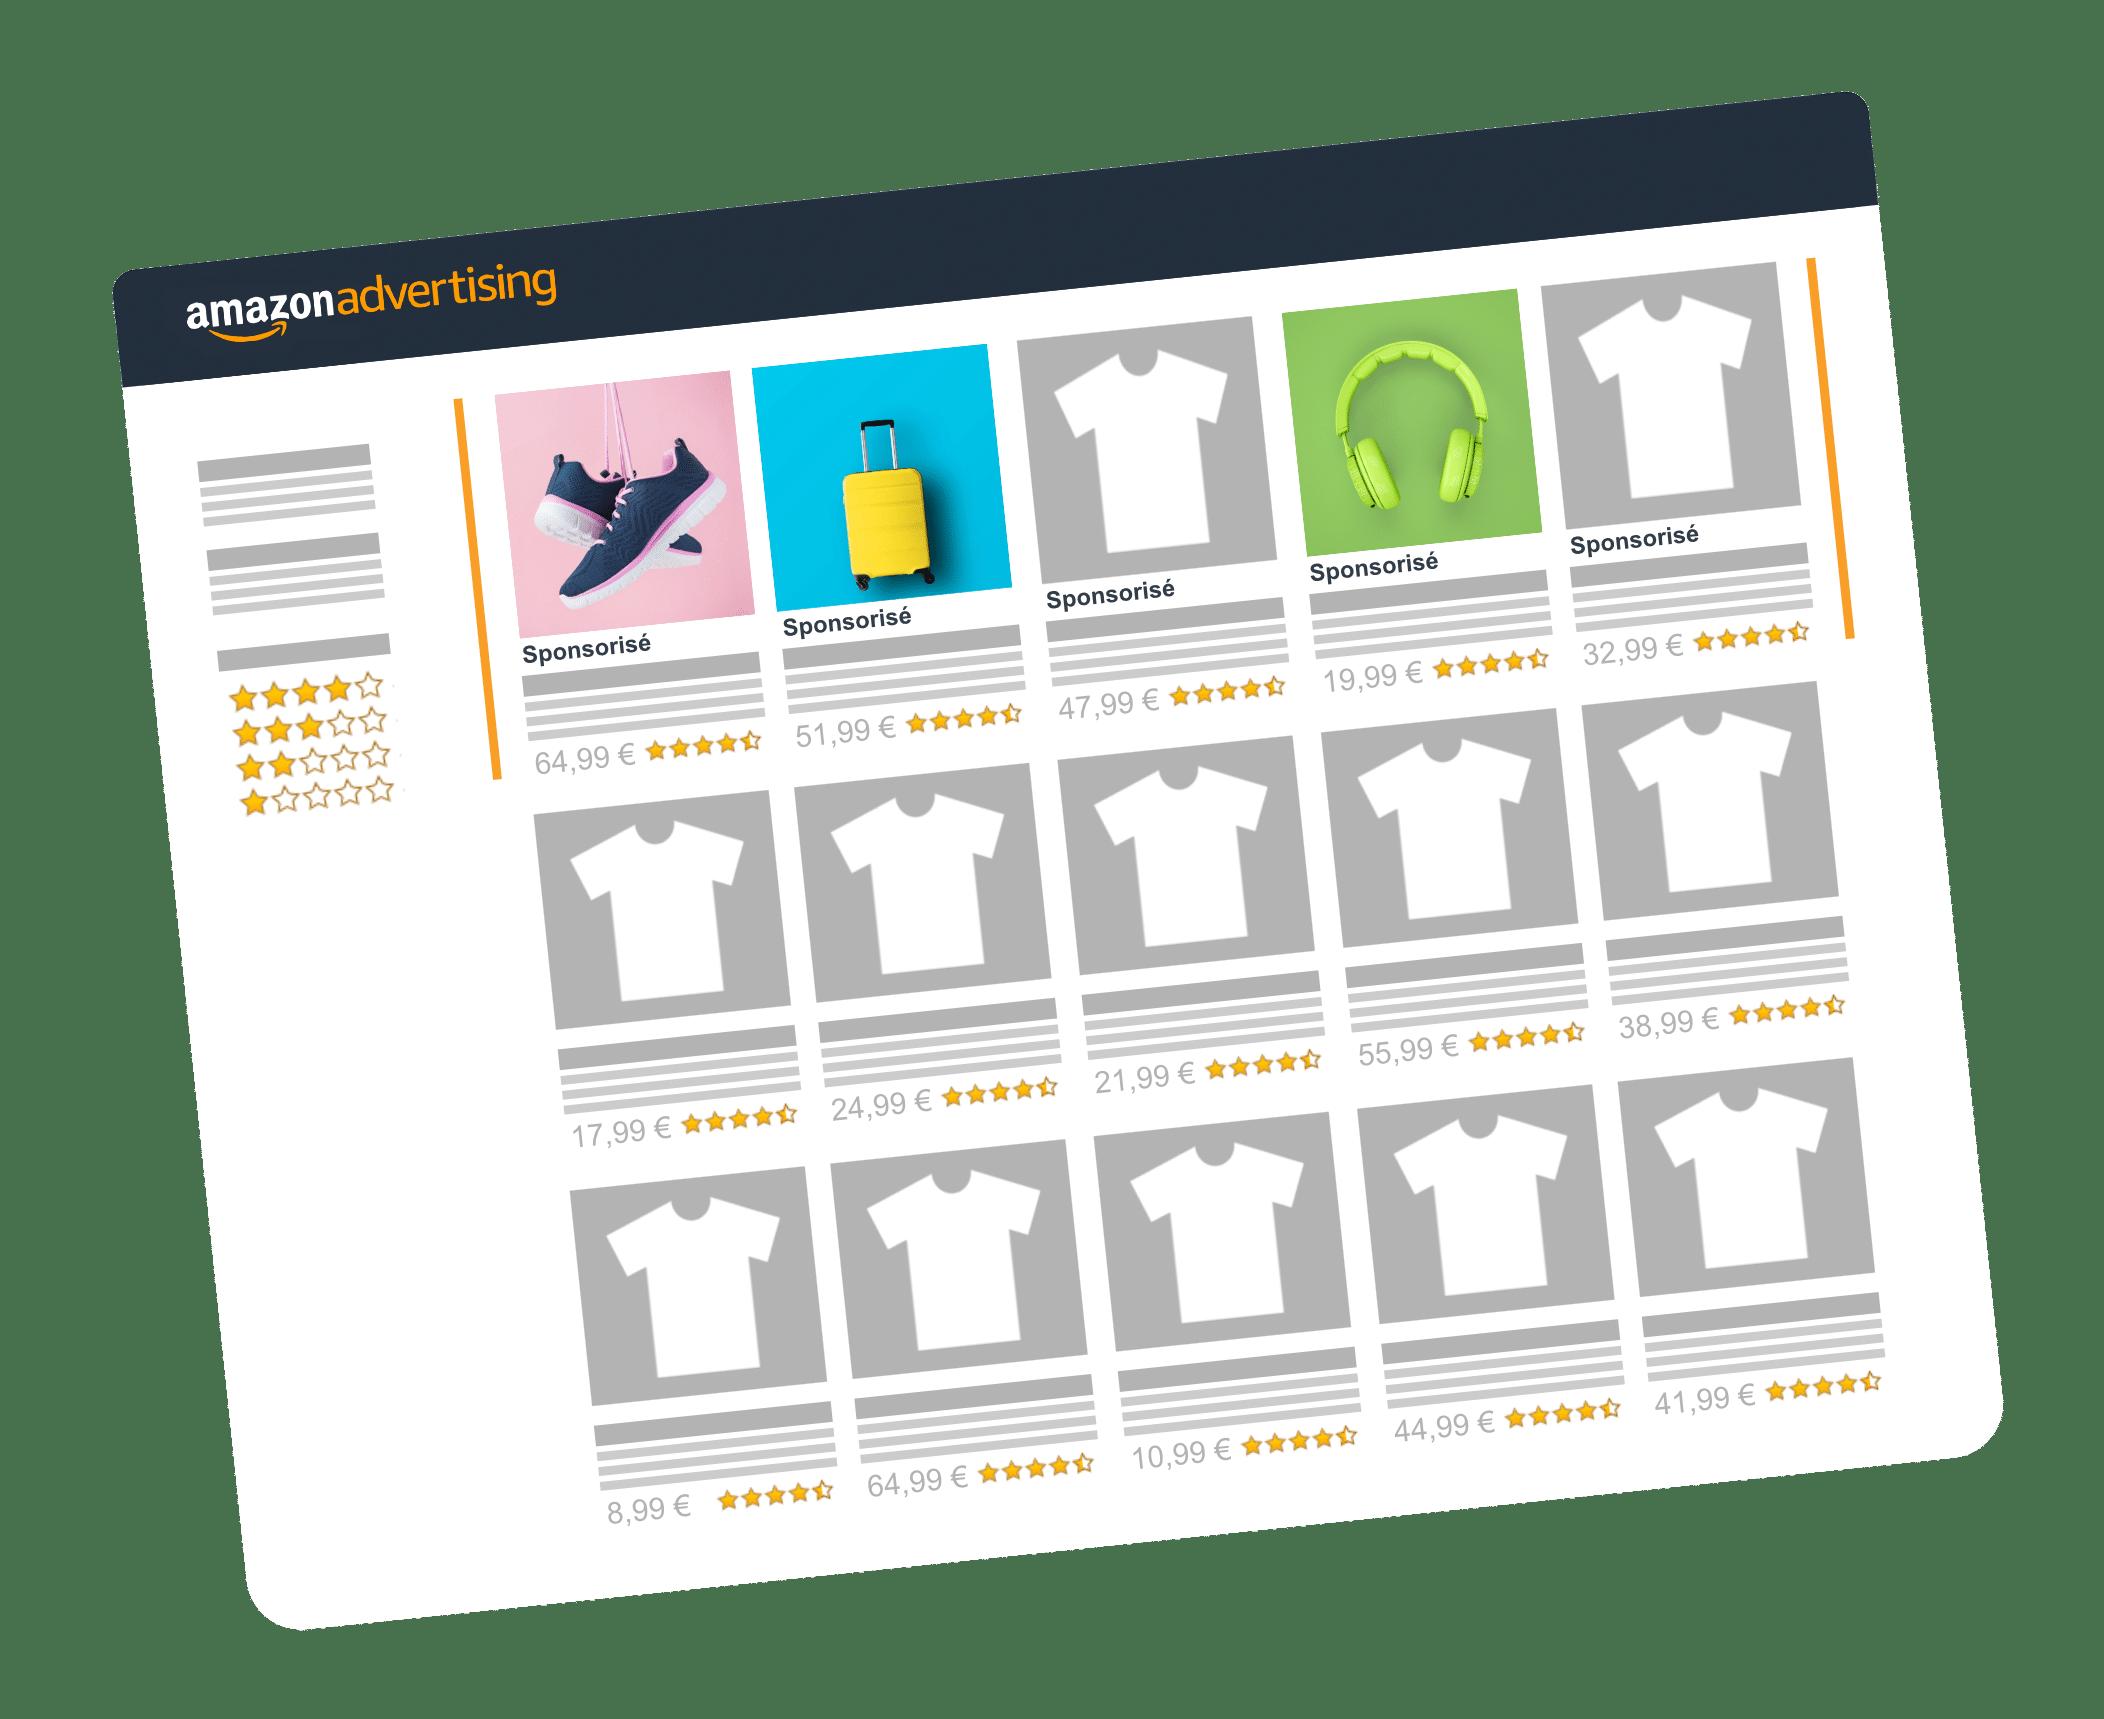 Résultats Amazon Advertising